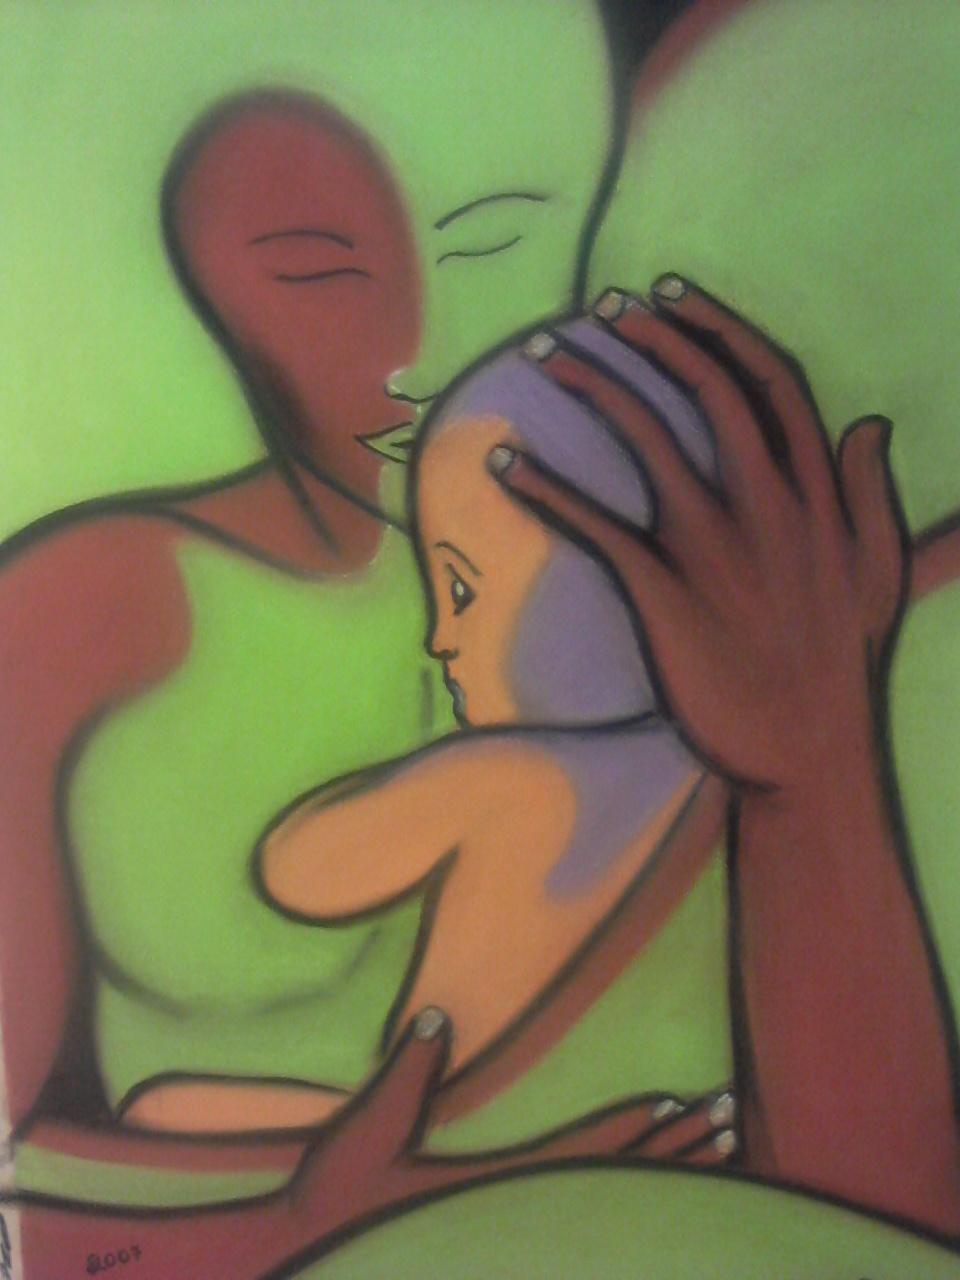 Bild: Papa et bébé -Bliu pastels/ Wikicommons